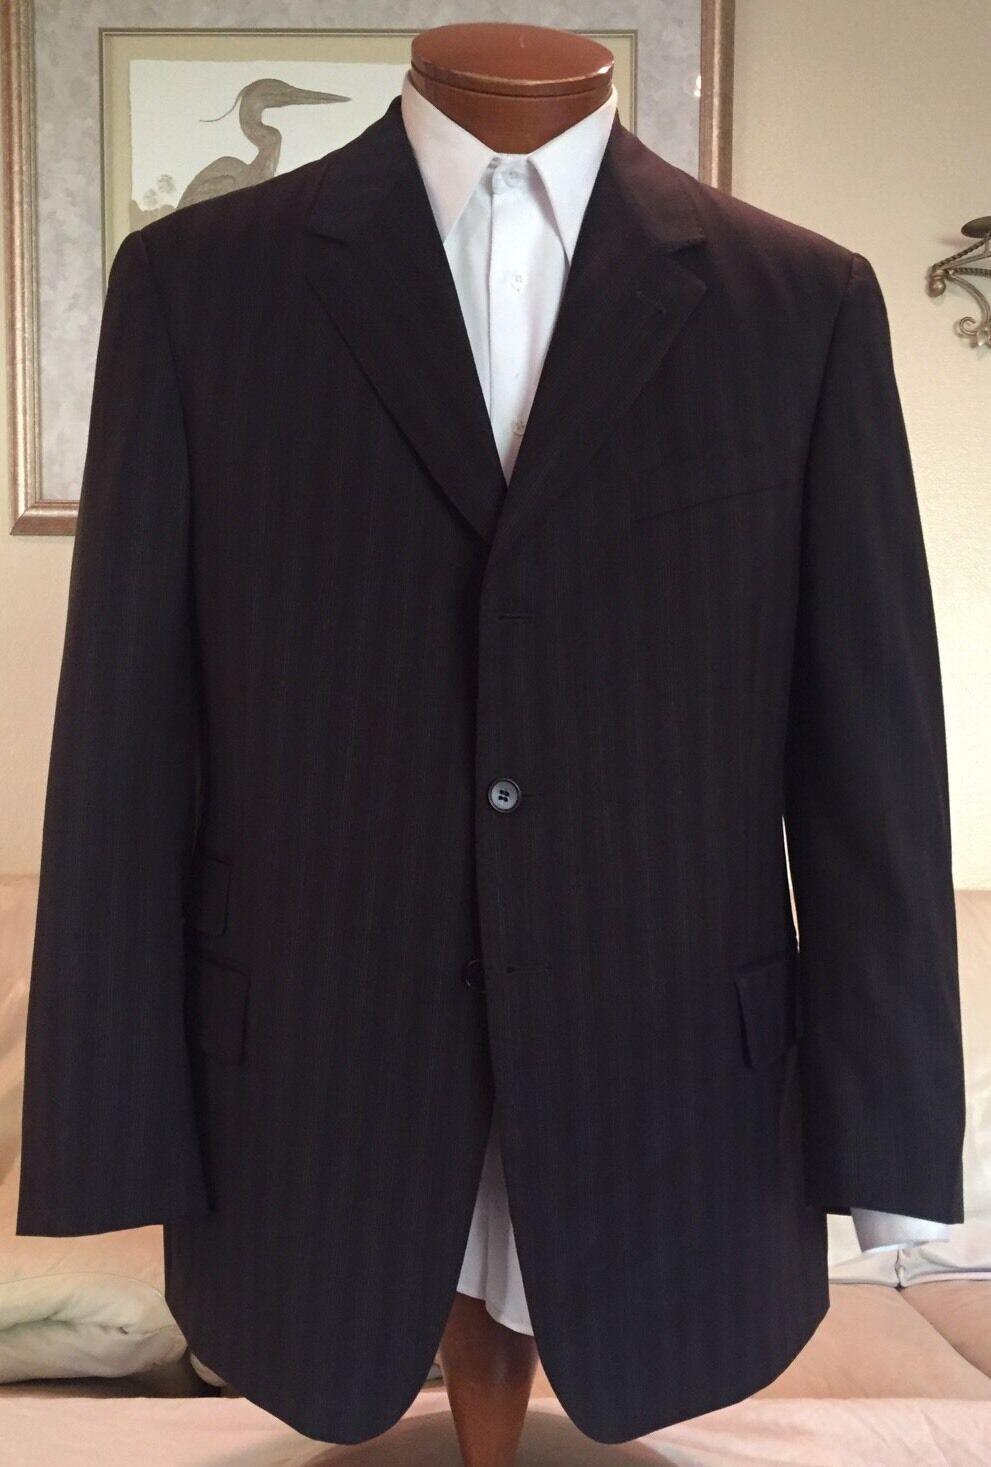 Paul Smith  Herren Braun Stripe Wool Dual Vent Suit Größe 42 R Excellent